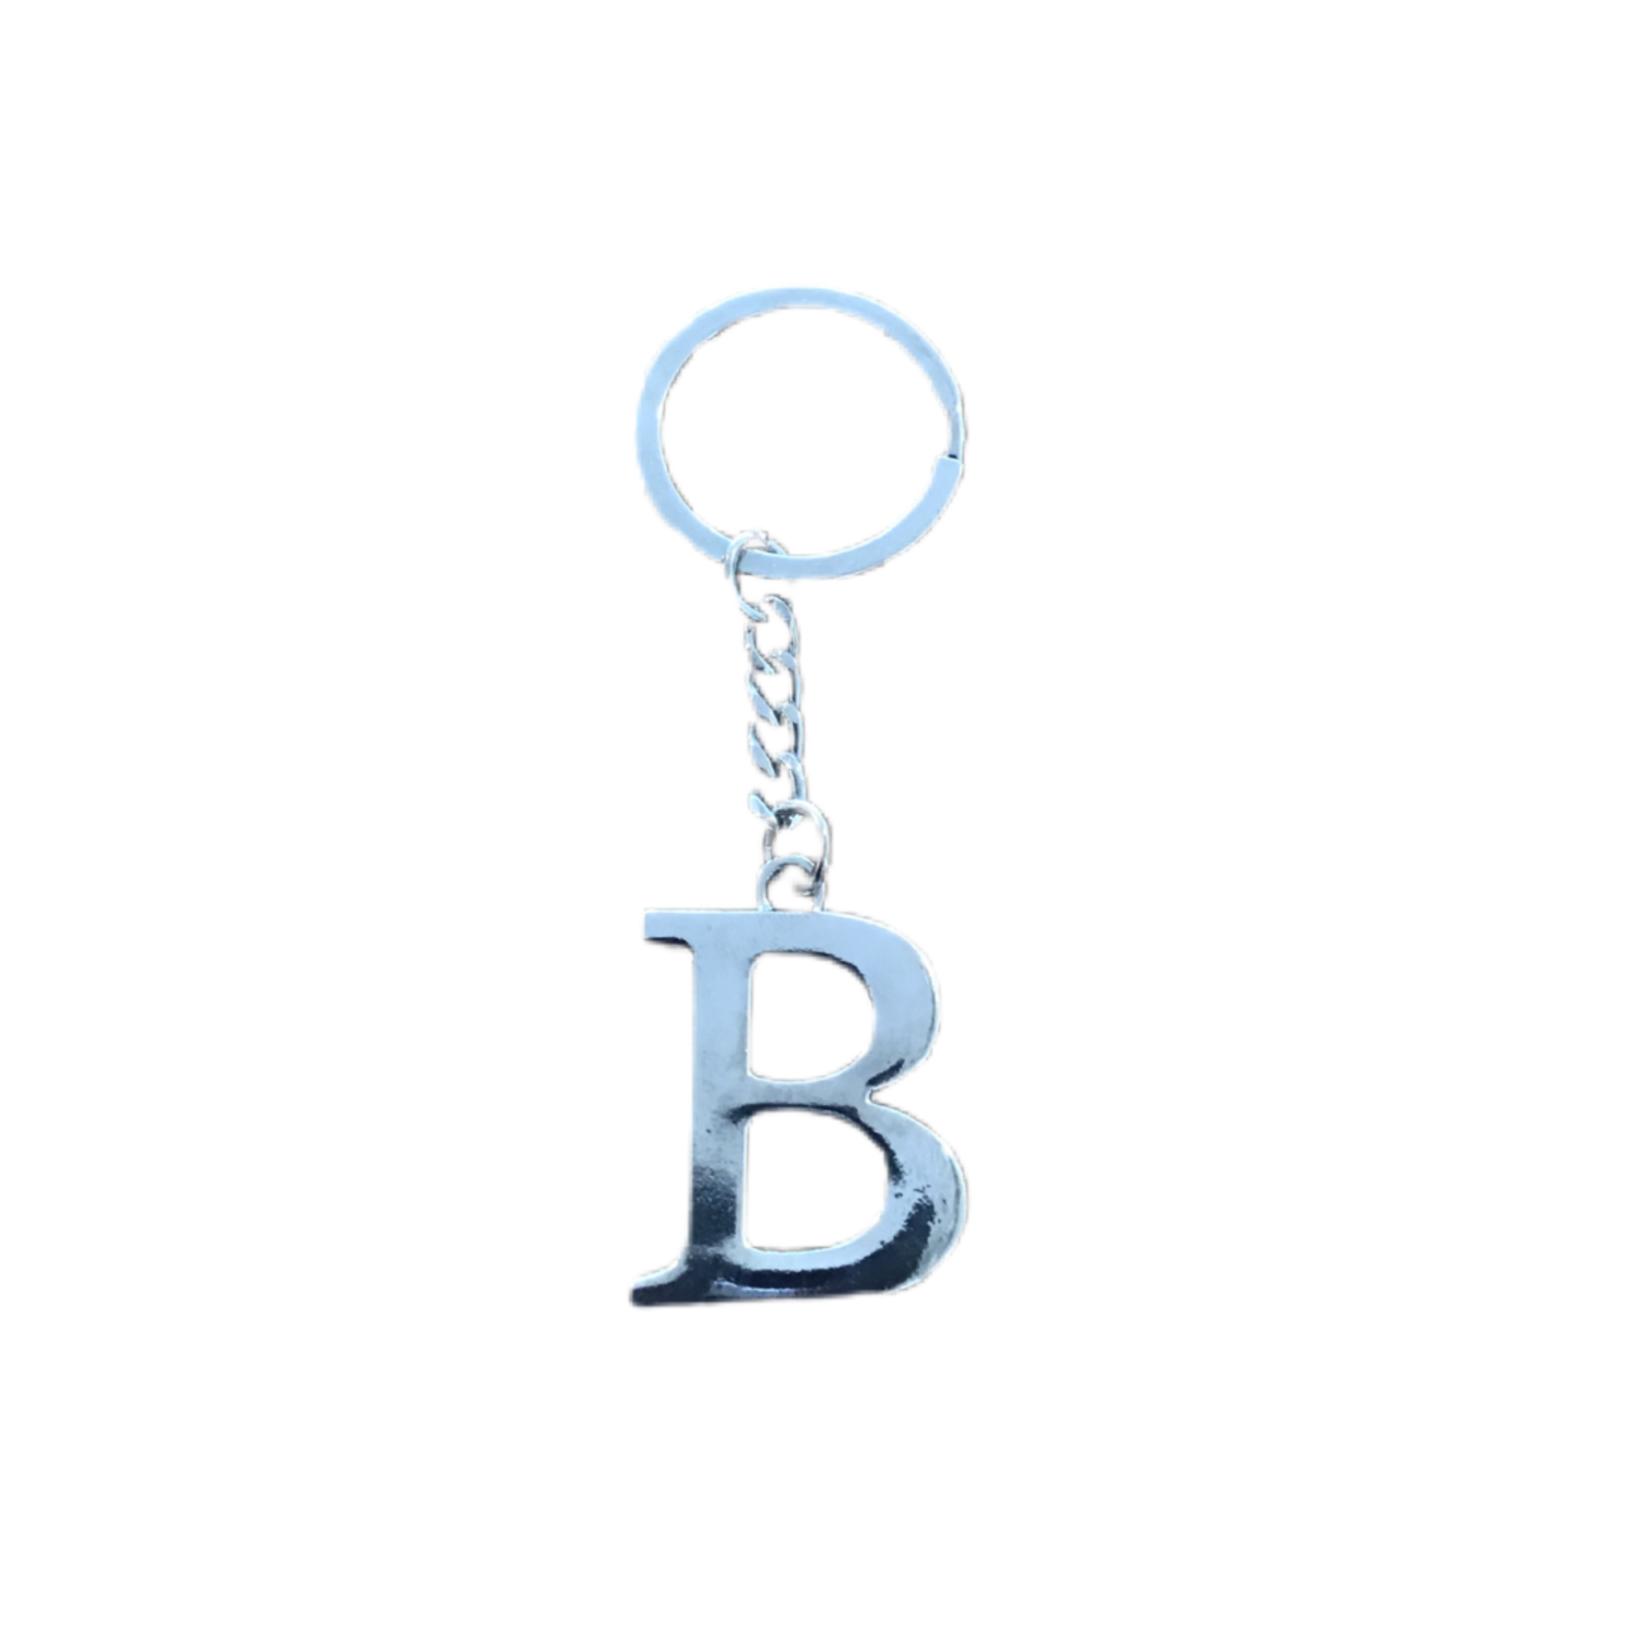 Wyld Blue Home Single Letter Keyring